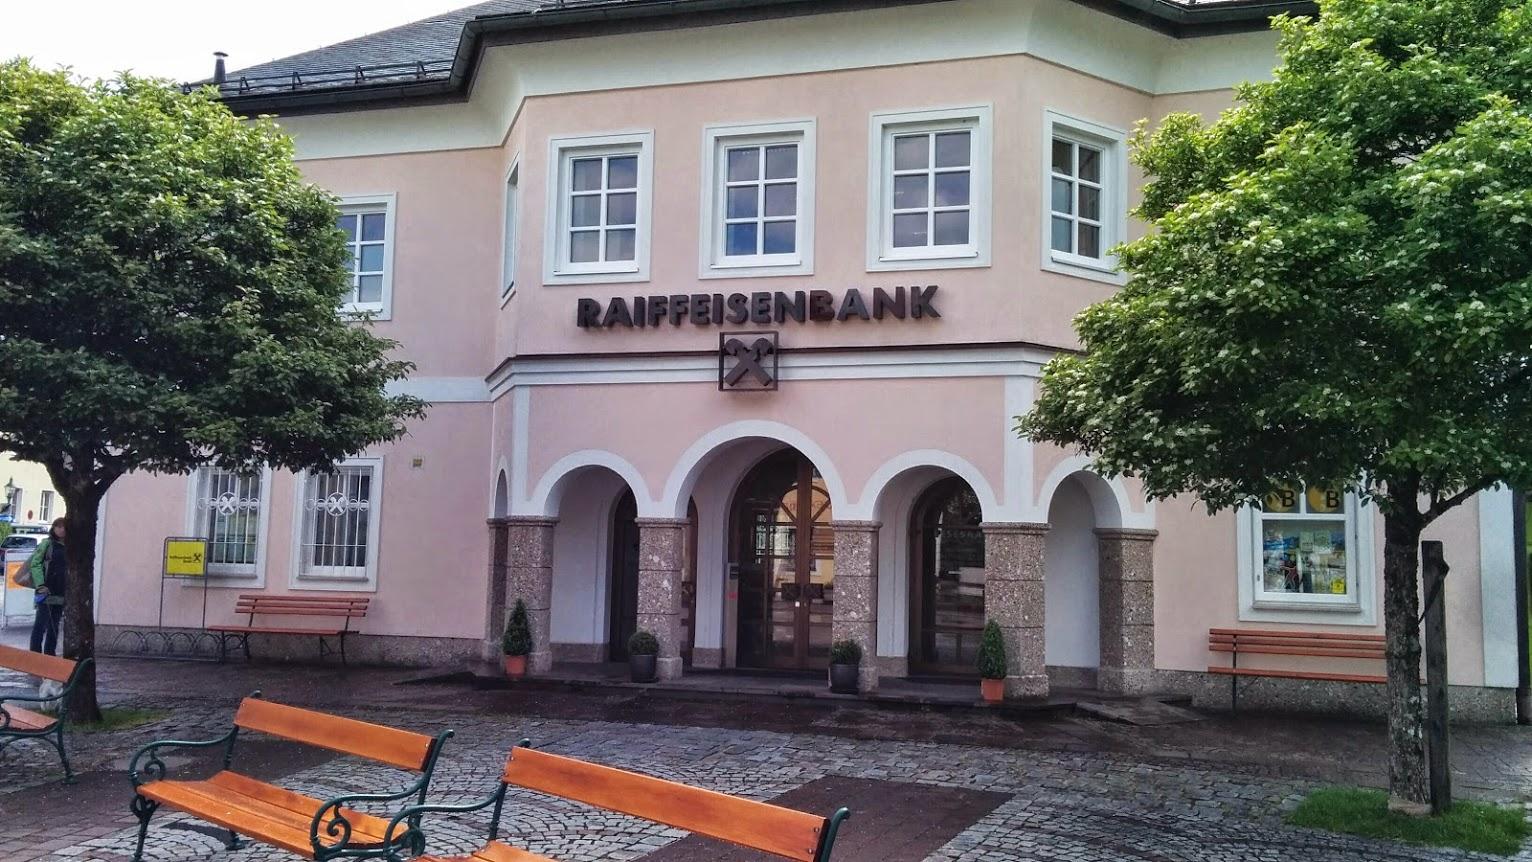 Raiffeisenbank St. Gilgen-Fuschl-Strobl reg. Gen. m. b. H. Zws. Strobl